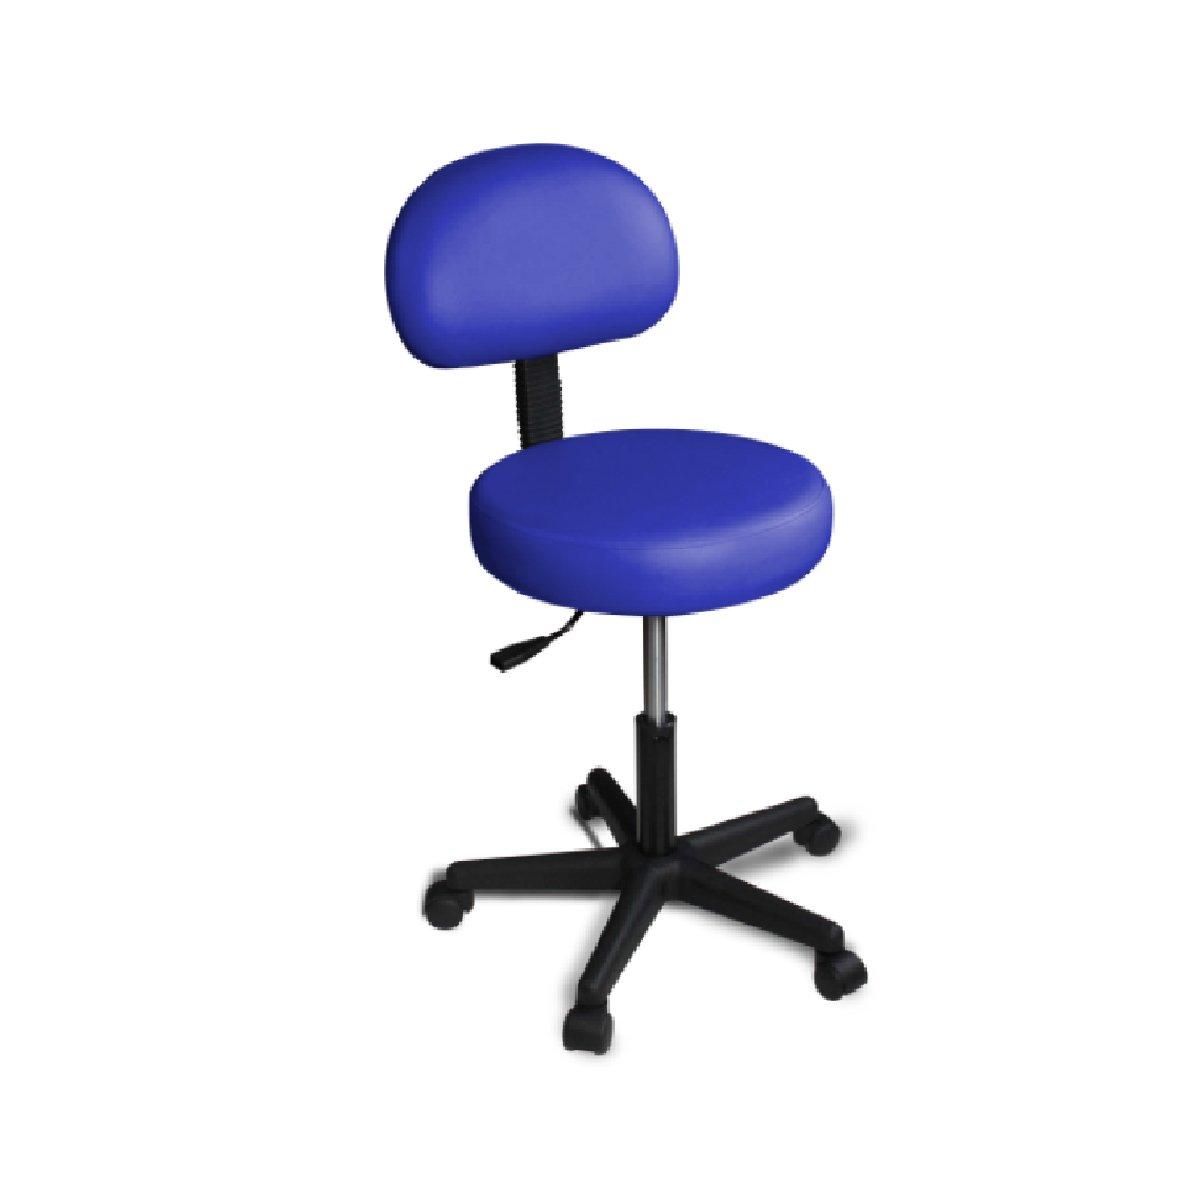 כסא מטפל עם משענת